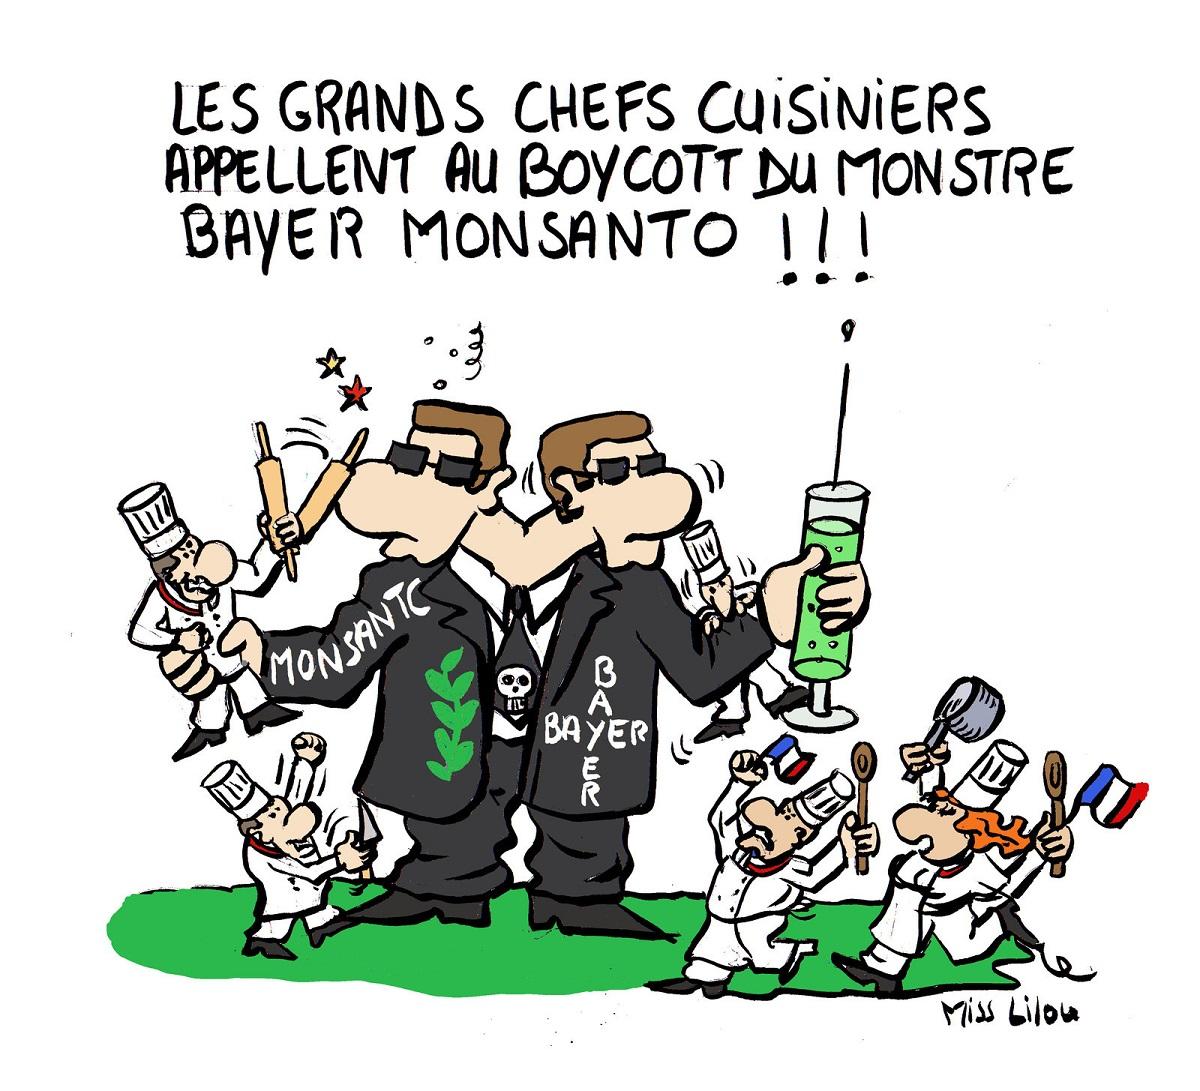 dessin humoristique du monstre Bayer-Monsanto combattu par les chefs cuisiniers Français